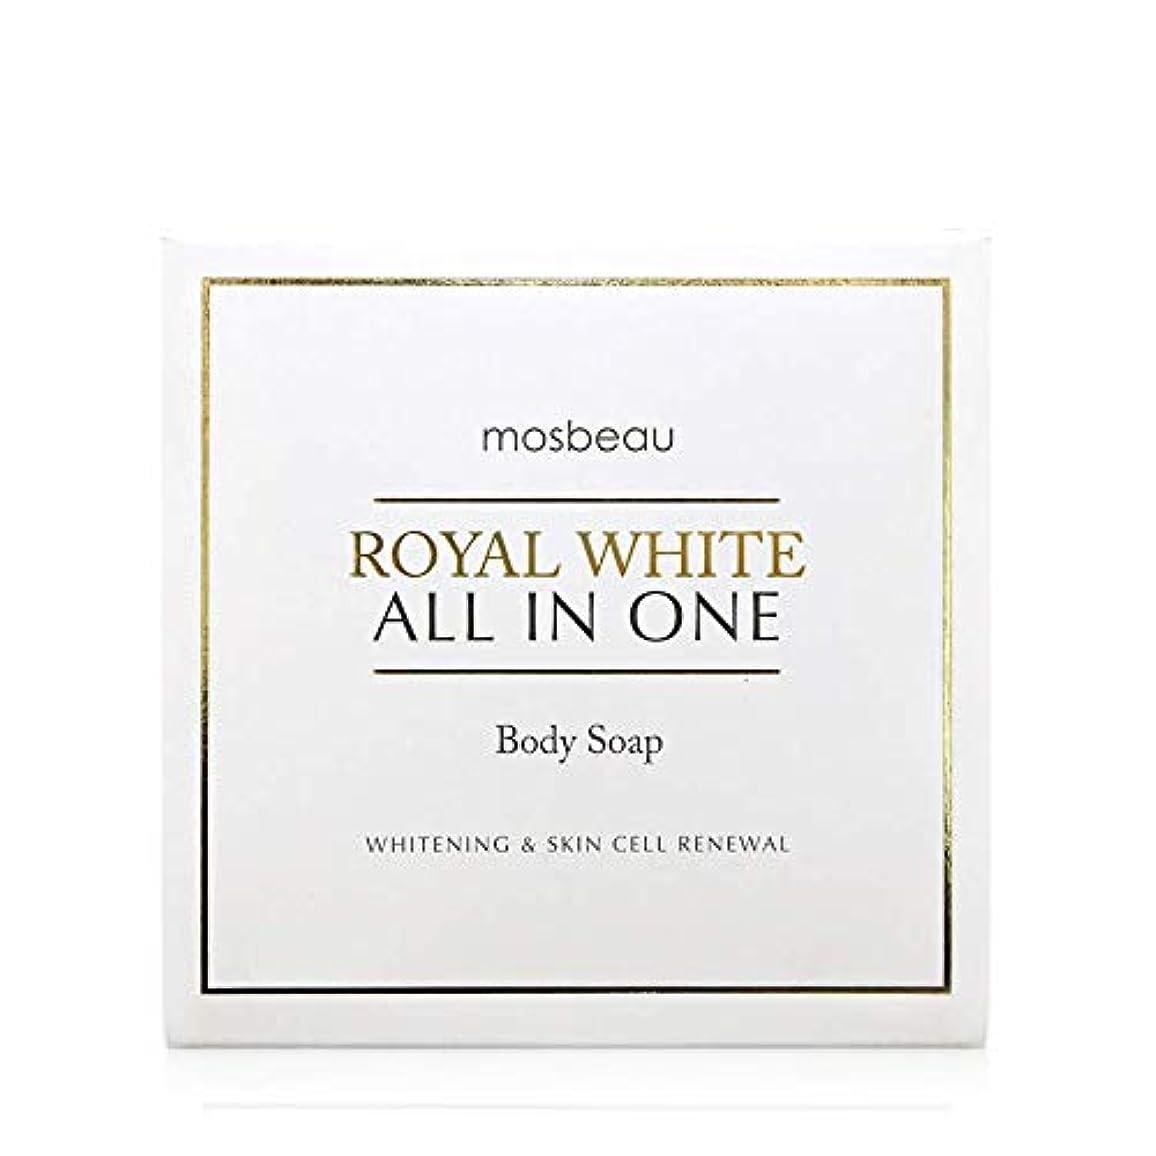 アクセントミニスキムmosbeau ROYAL WHITE ALL-IN-ONE BODY SOAP 100g ロィヤルホワイトオールインワンボディーソープ